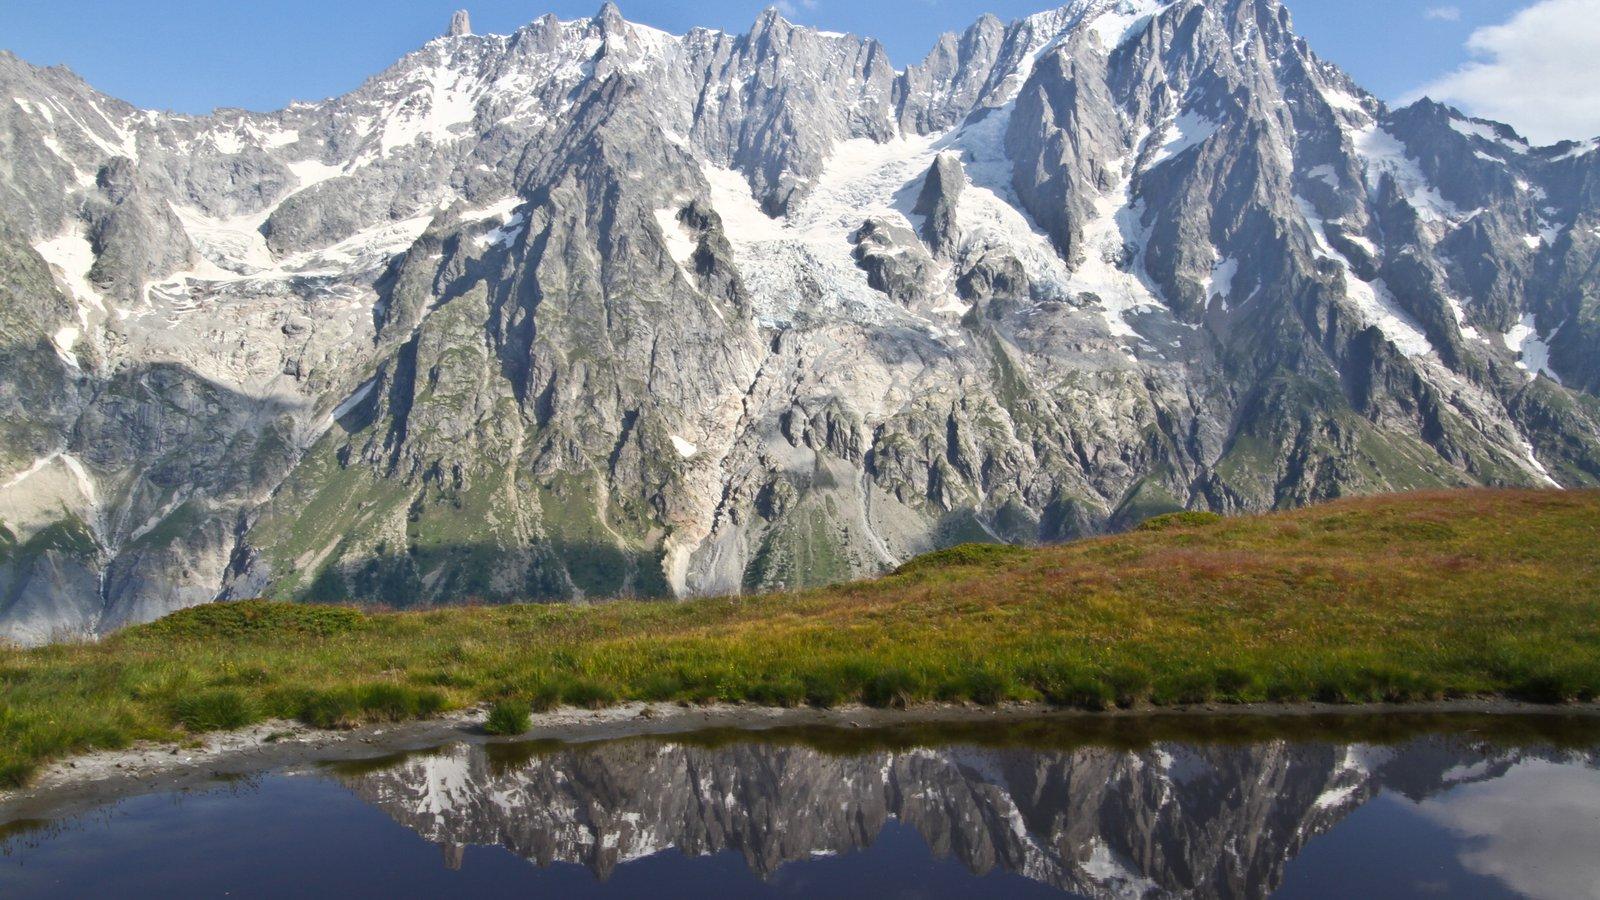 Courmayeur que incluye montañas, nieve y un estanque